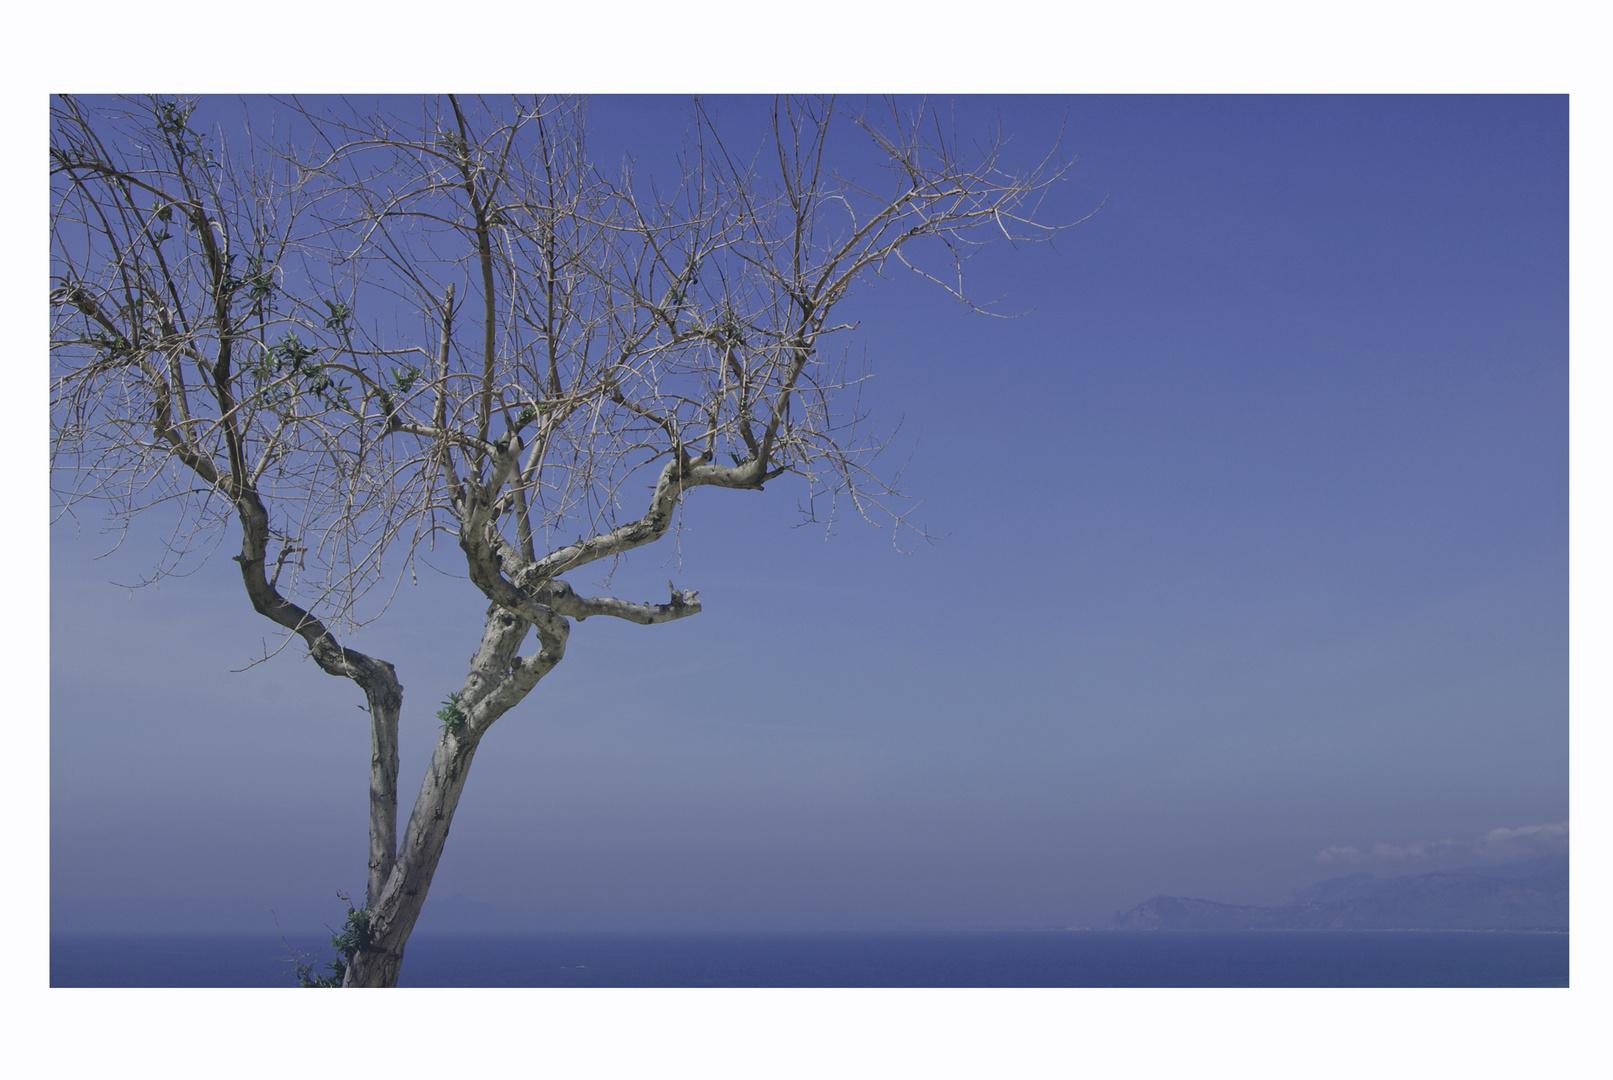 Der Baum und das Meer